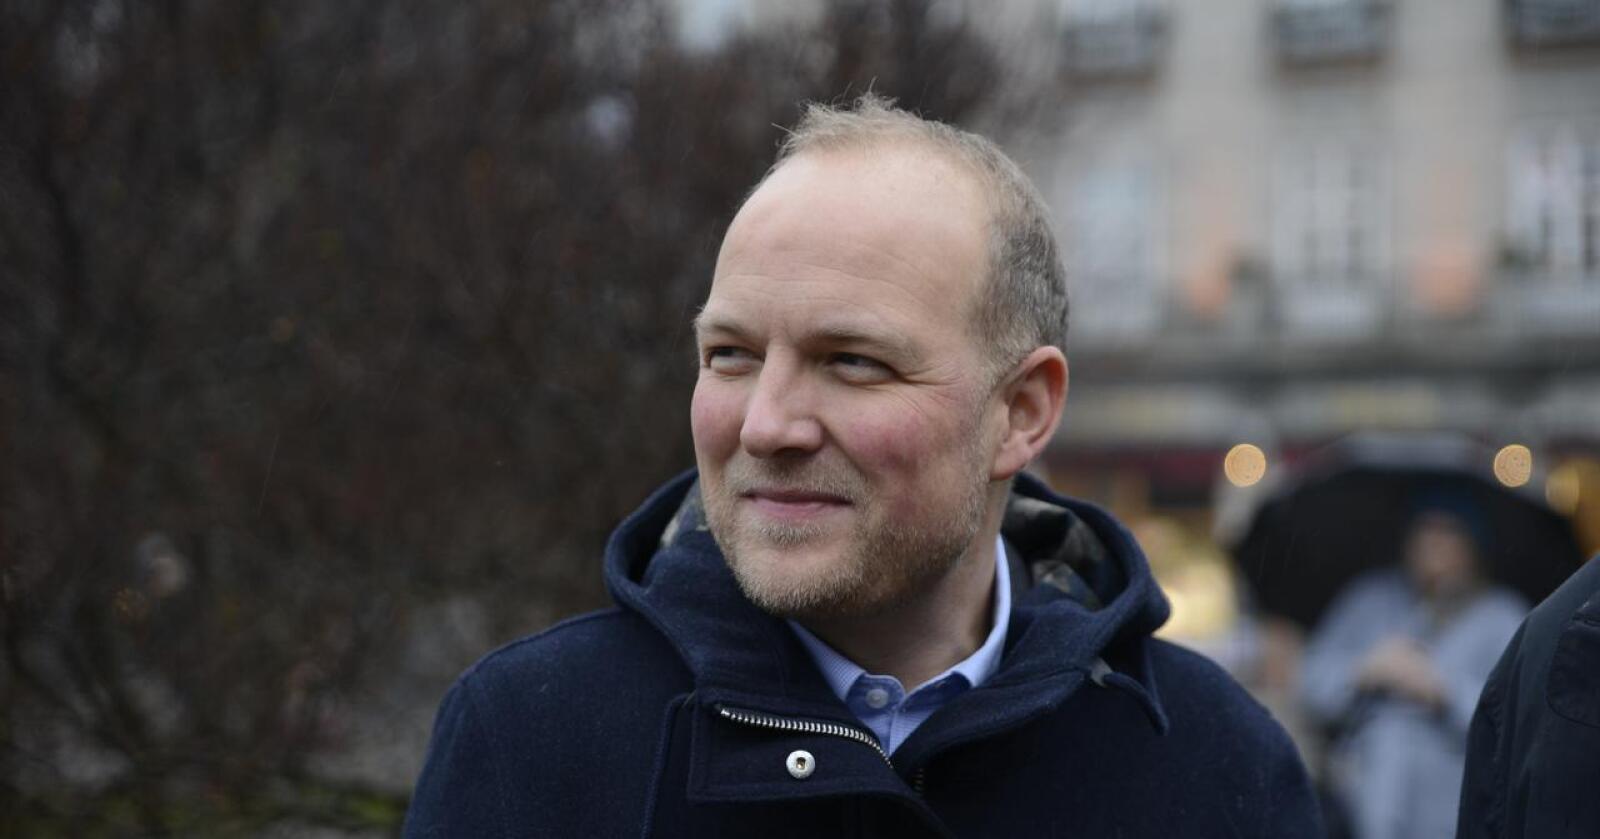 Stortingsprepresentant Ole André Myhrvold (bilde) og ordfører i Rakkestad kommune Karoline Fjeldstad mener at ulven må avlives. Foto: Mariann Tvete